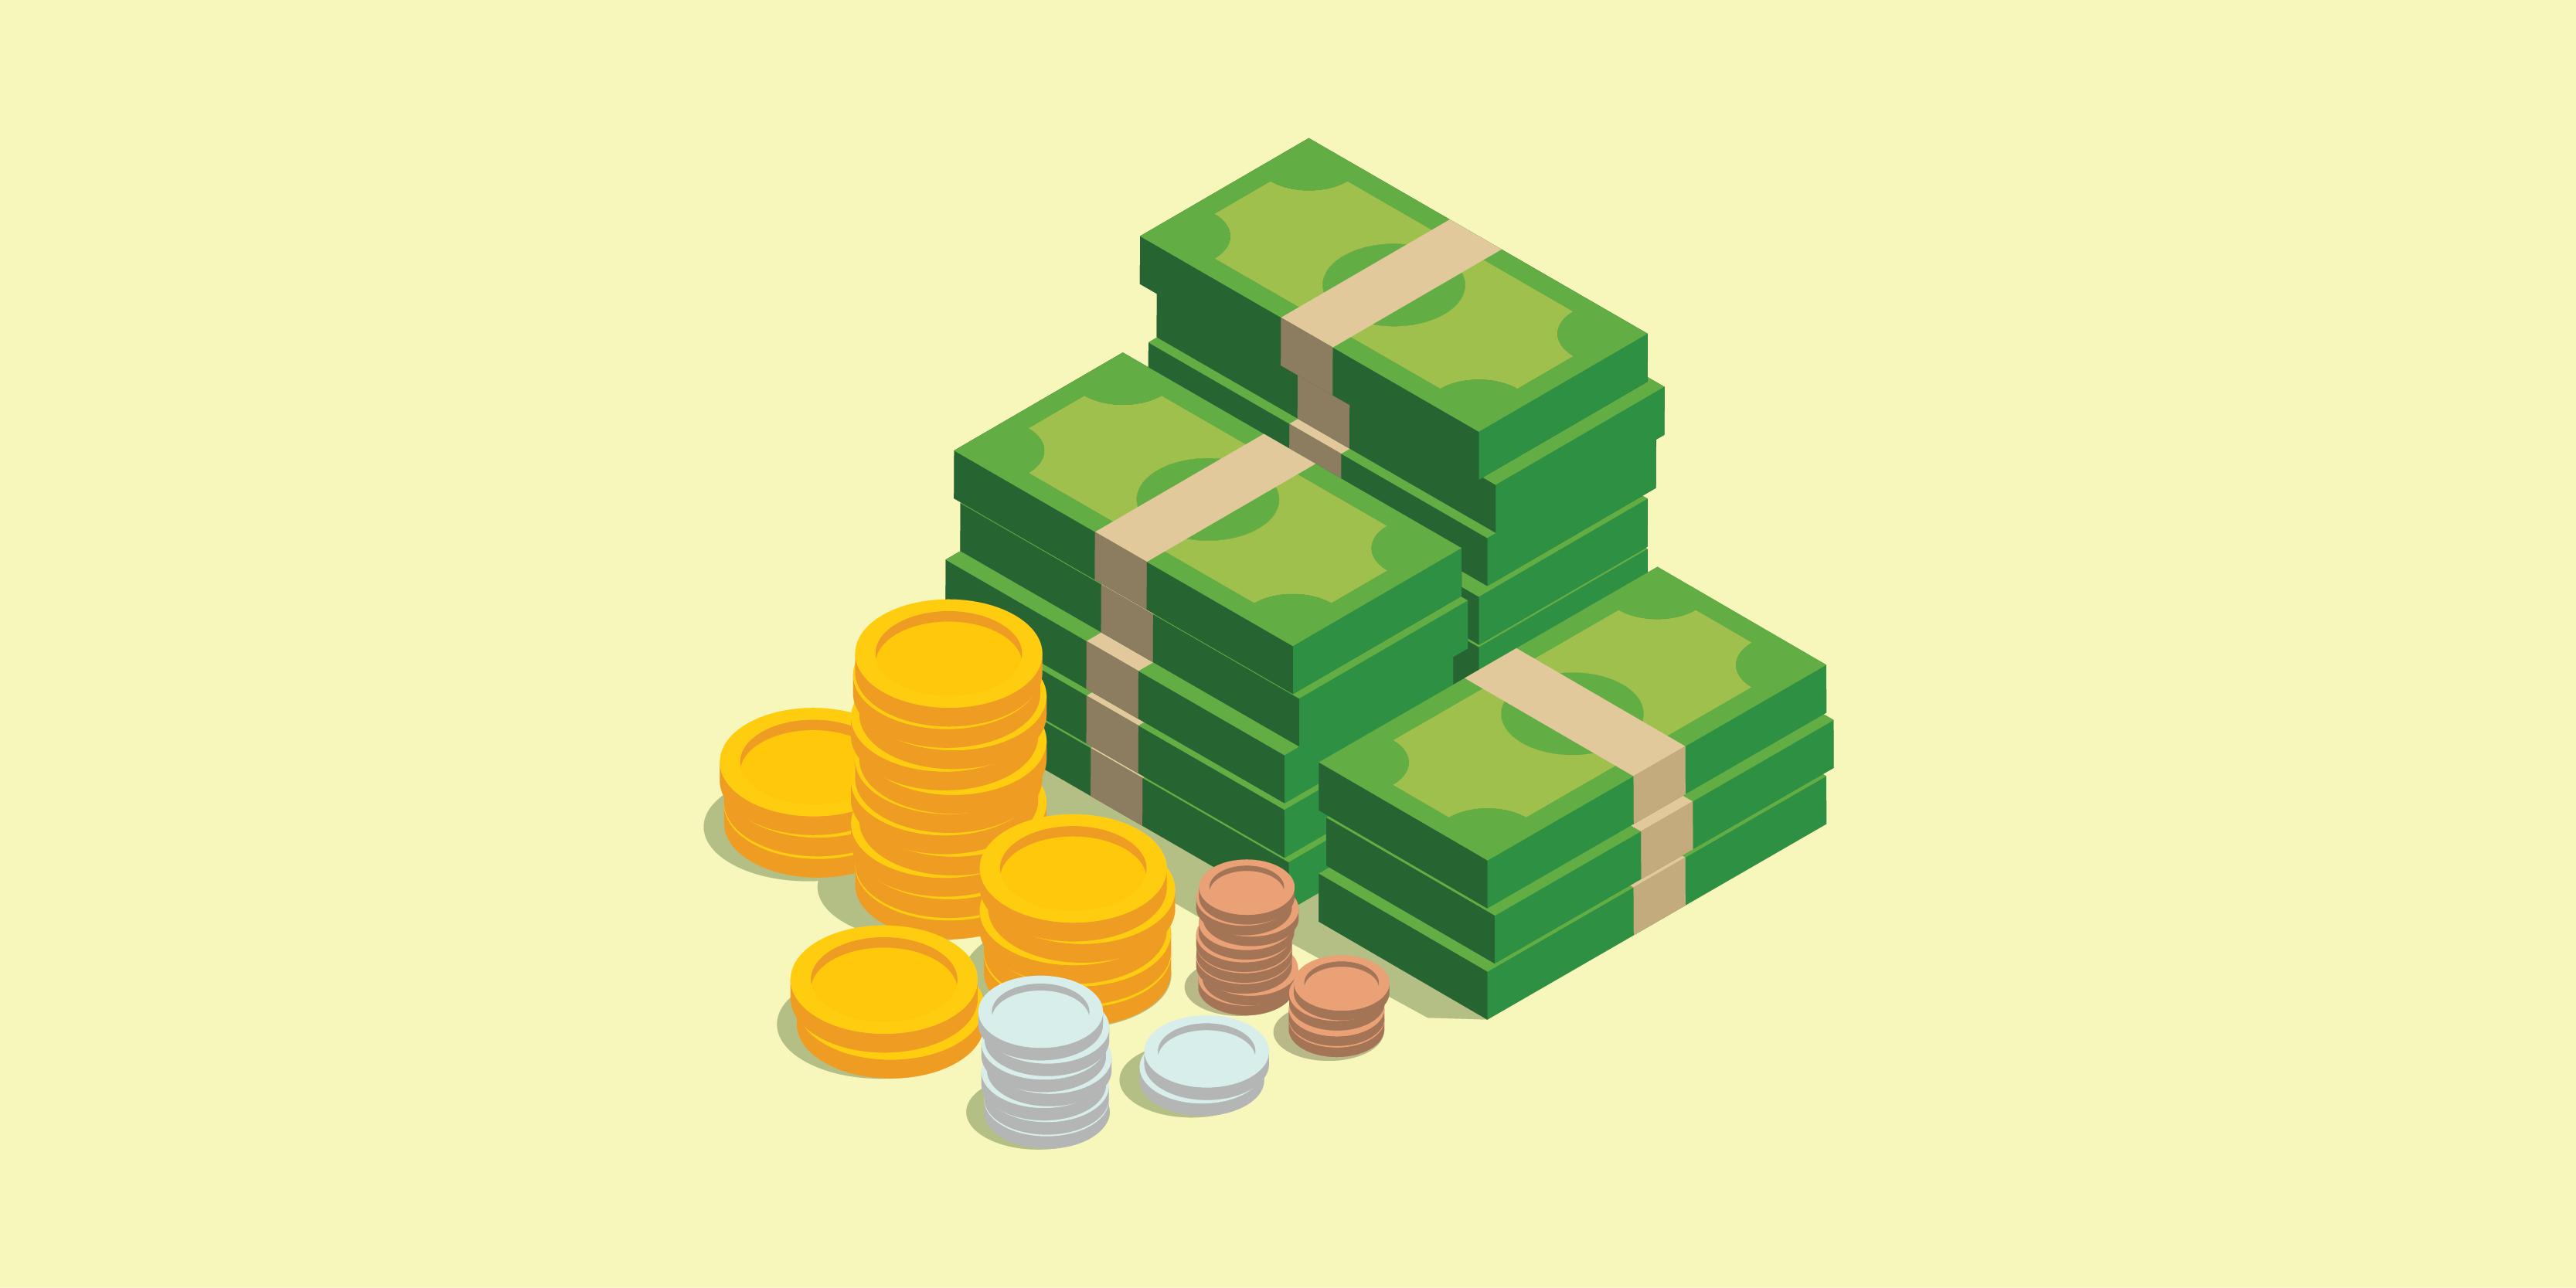 מה זה כסף לעומת ביטקוין